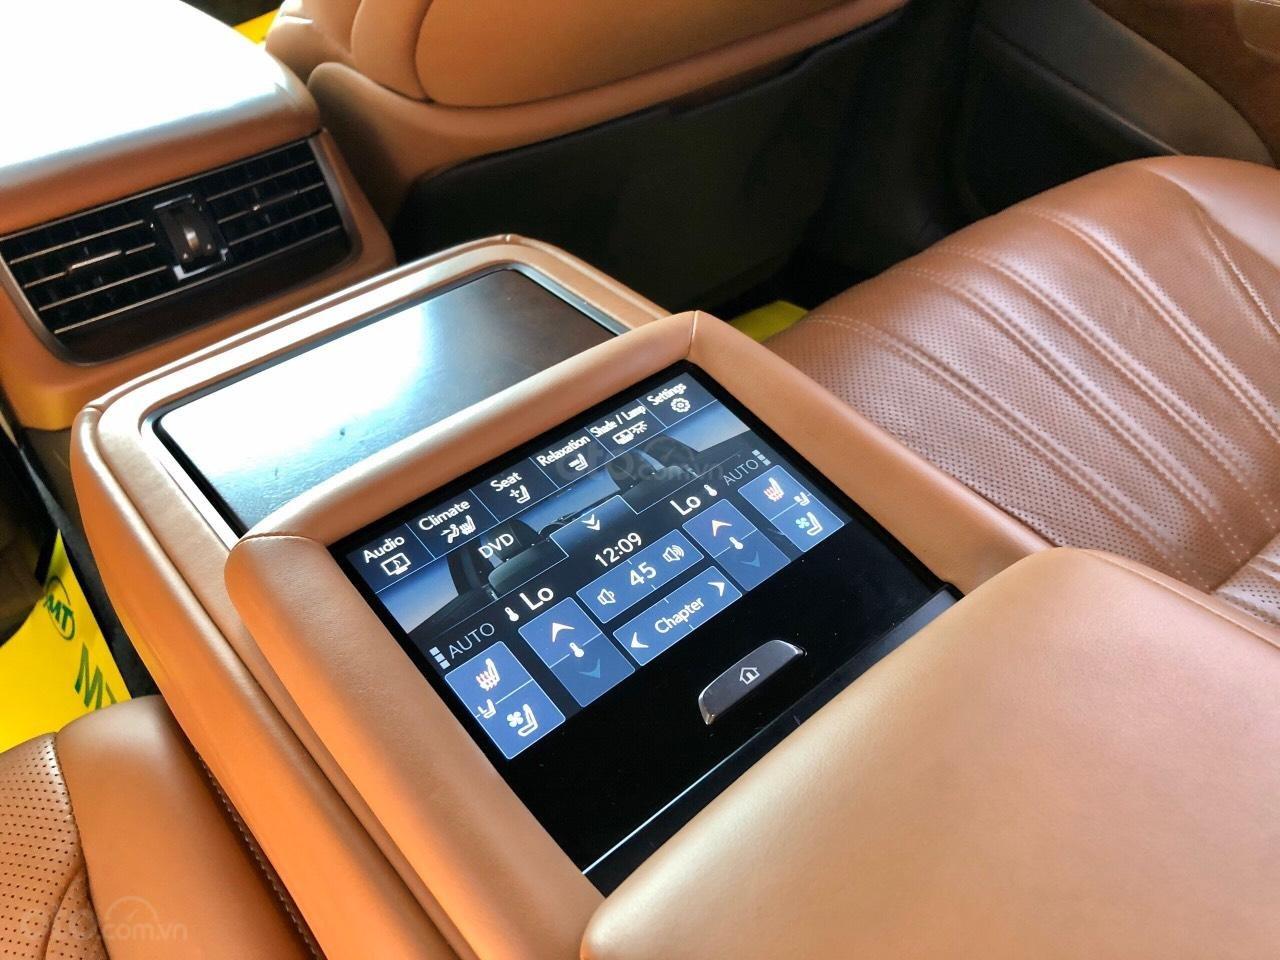 Bán xe Lexus LS 500H 2017, màu xanh lam, giá tốt giao ngay toàn quốc, LH Ngọc Vy 093.996.2368 (12)